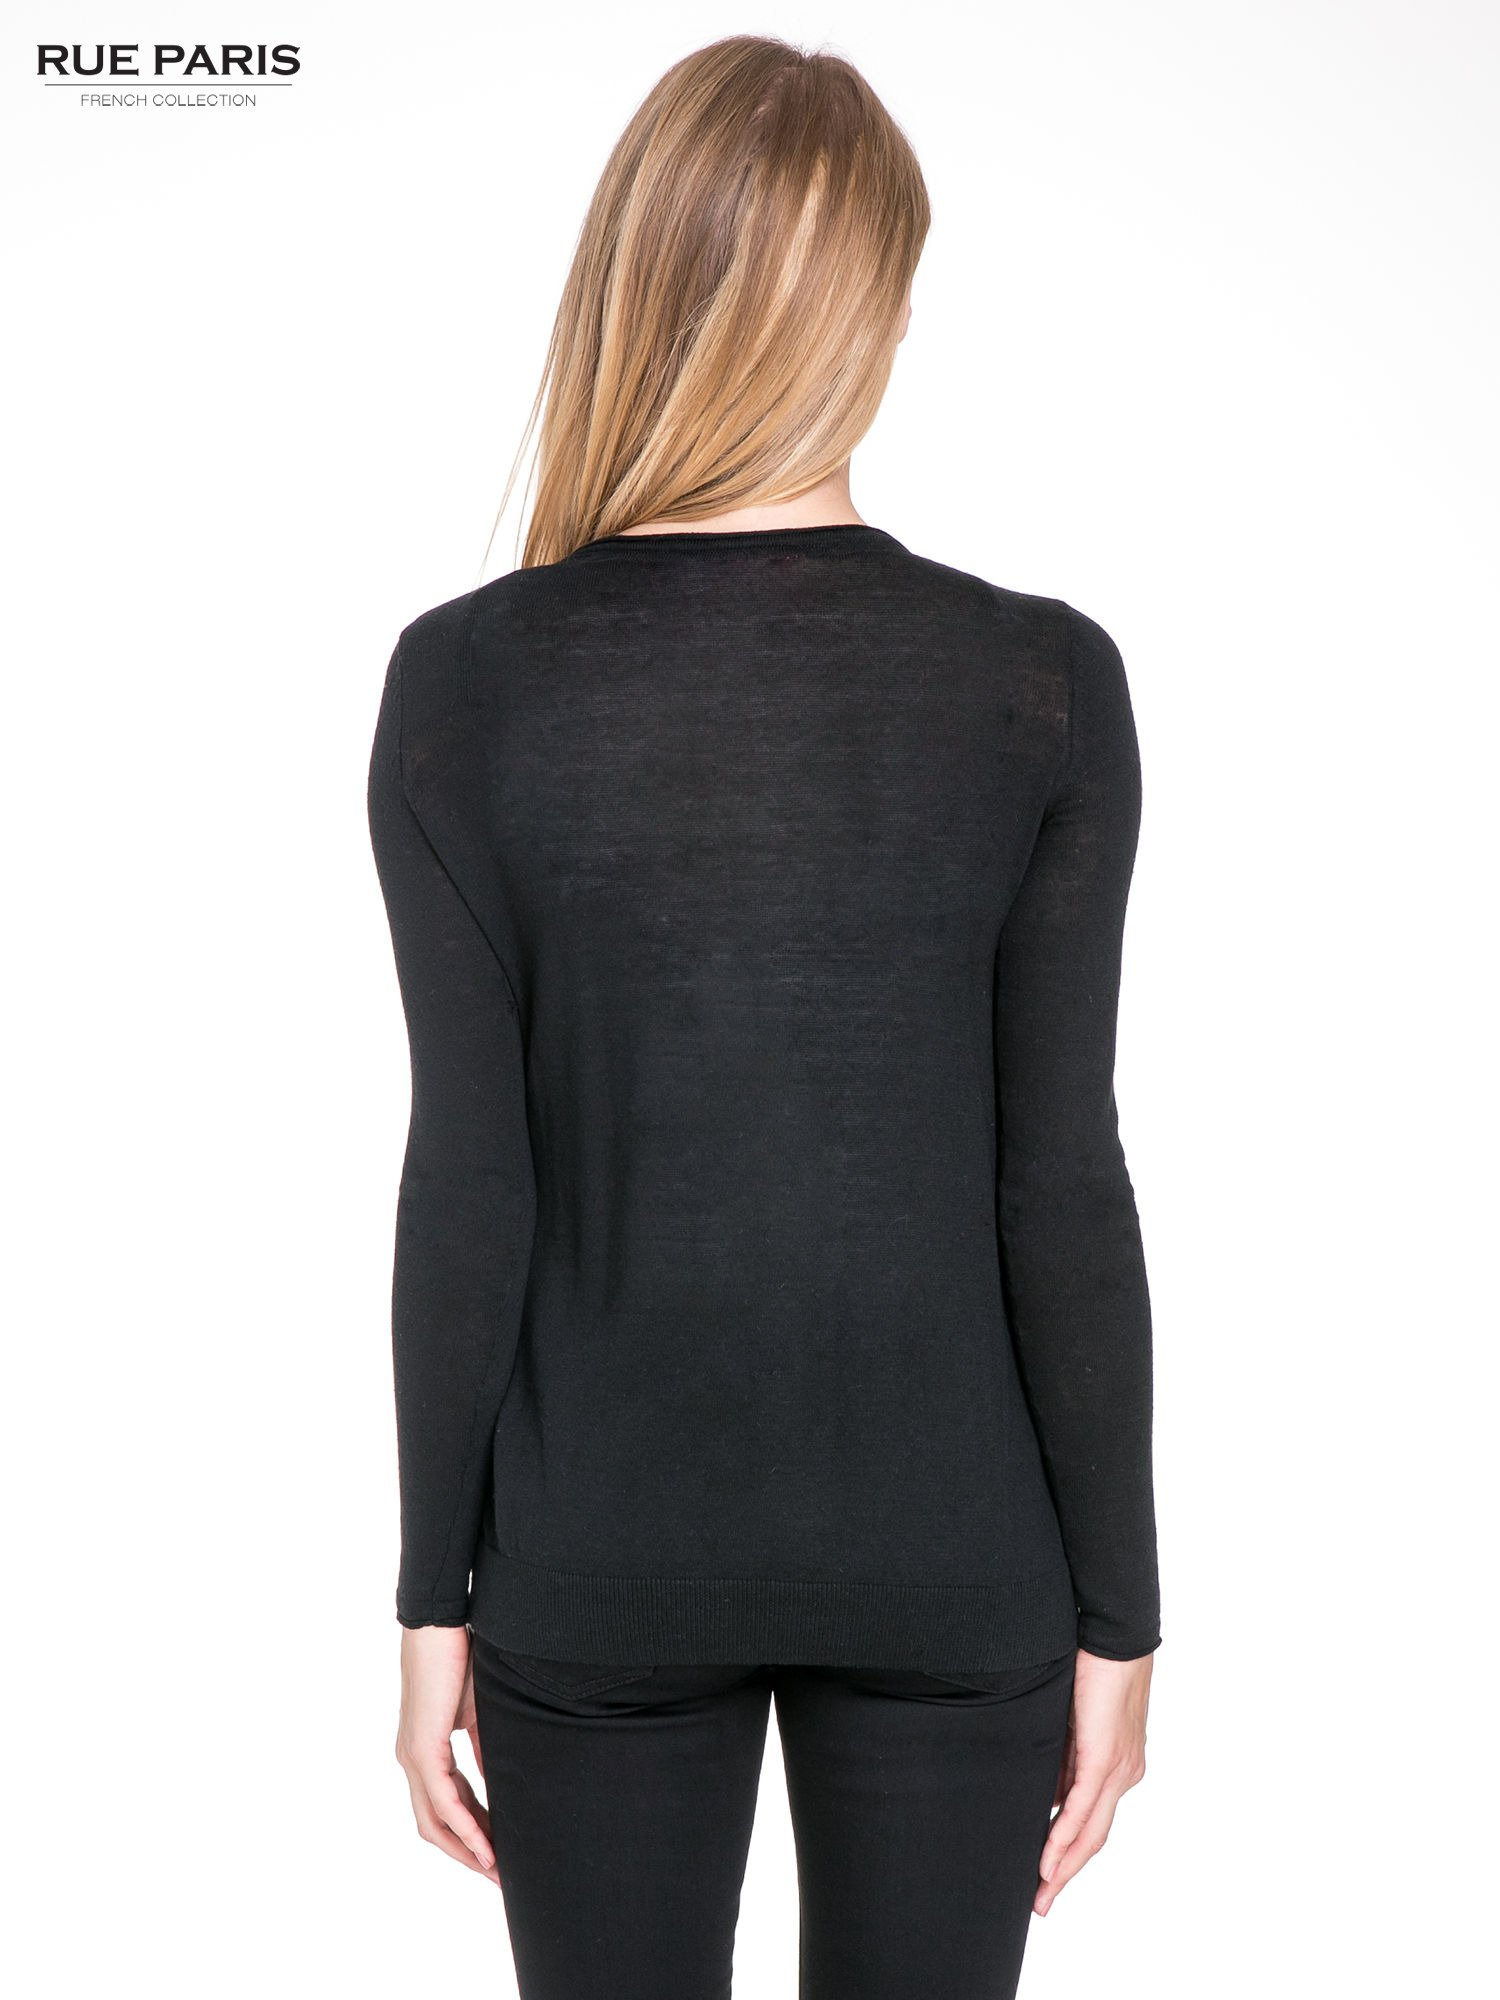 Czarny sweterek kardigan o kaskadowym fasonie                                  zdj.                                  2